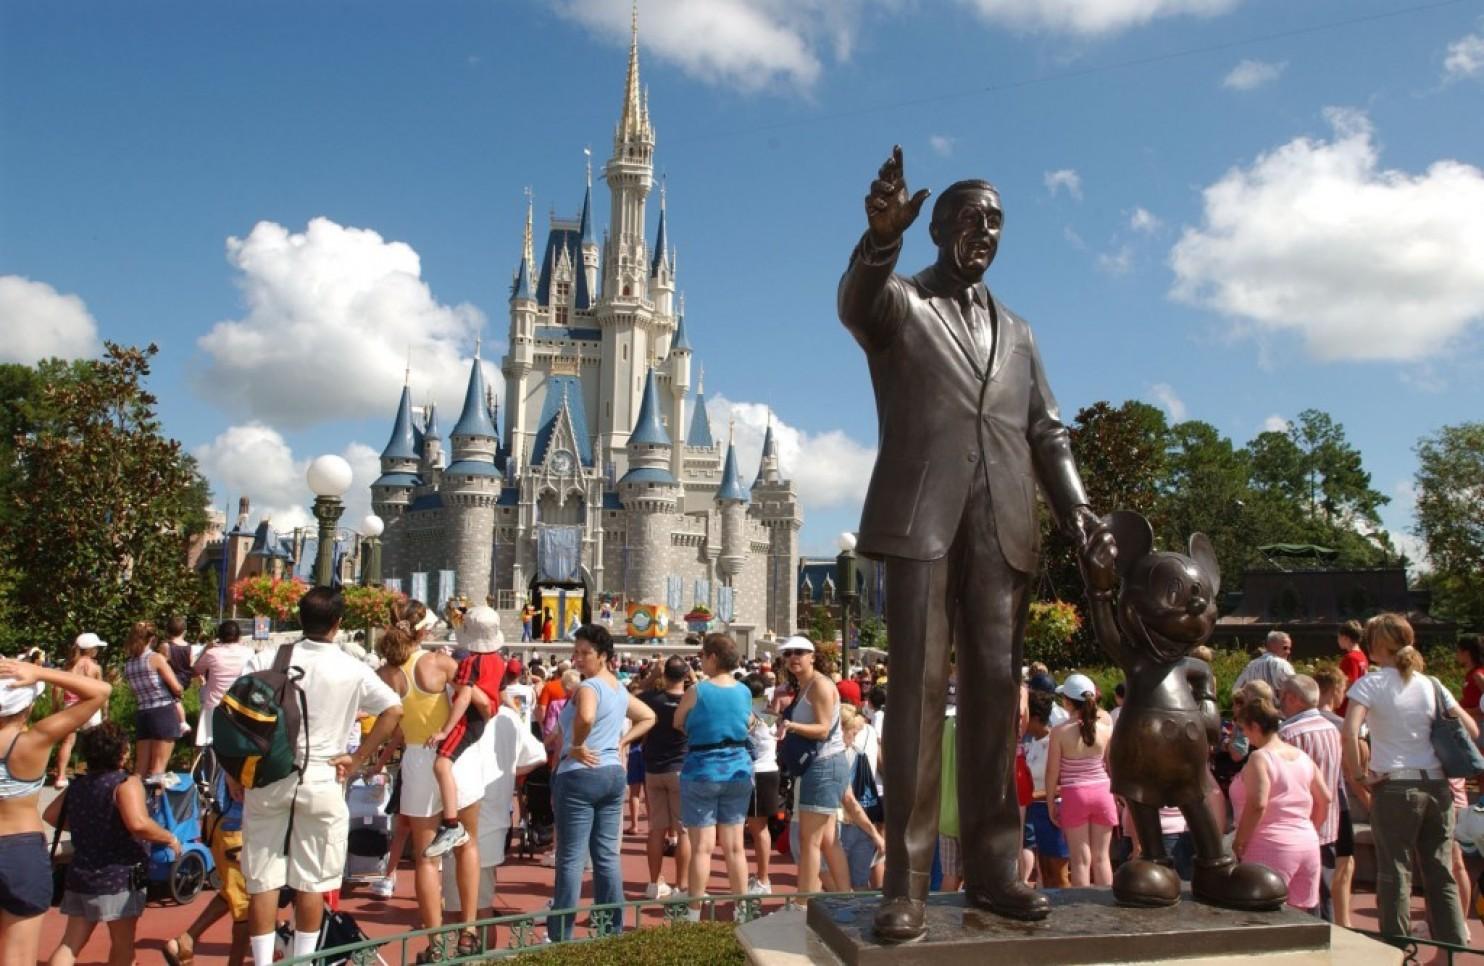 Crowded School Holidays At Walt Disney World Resort Yay Or